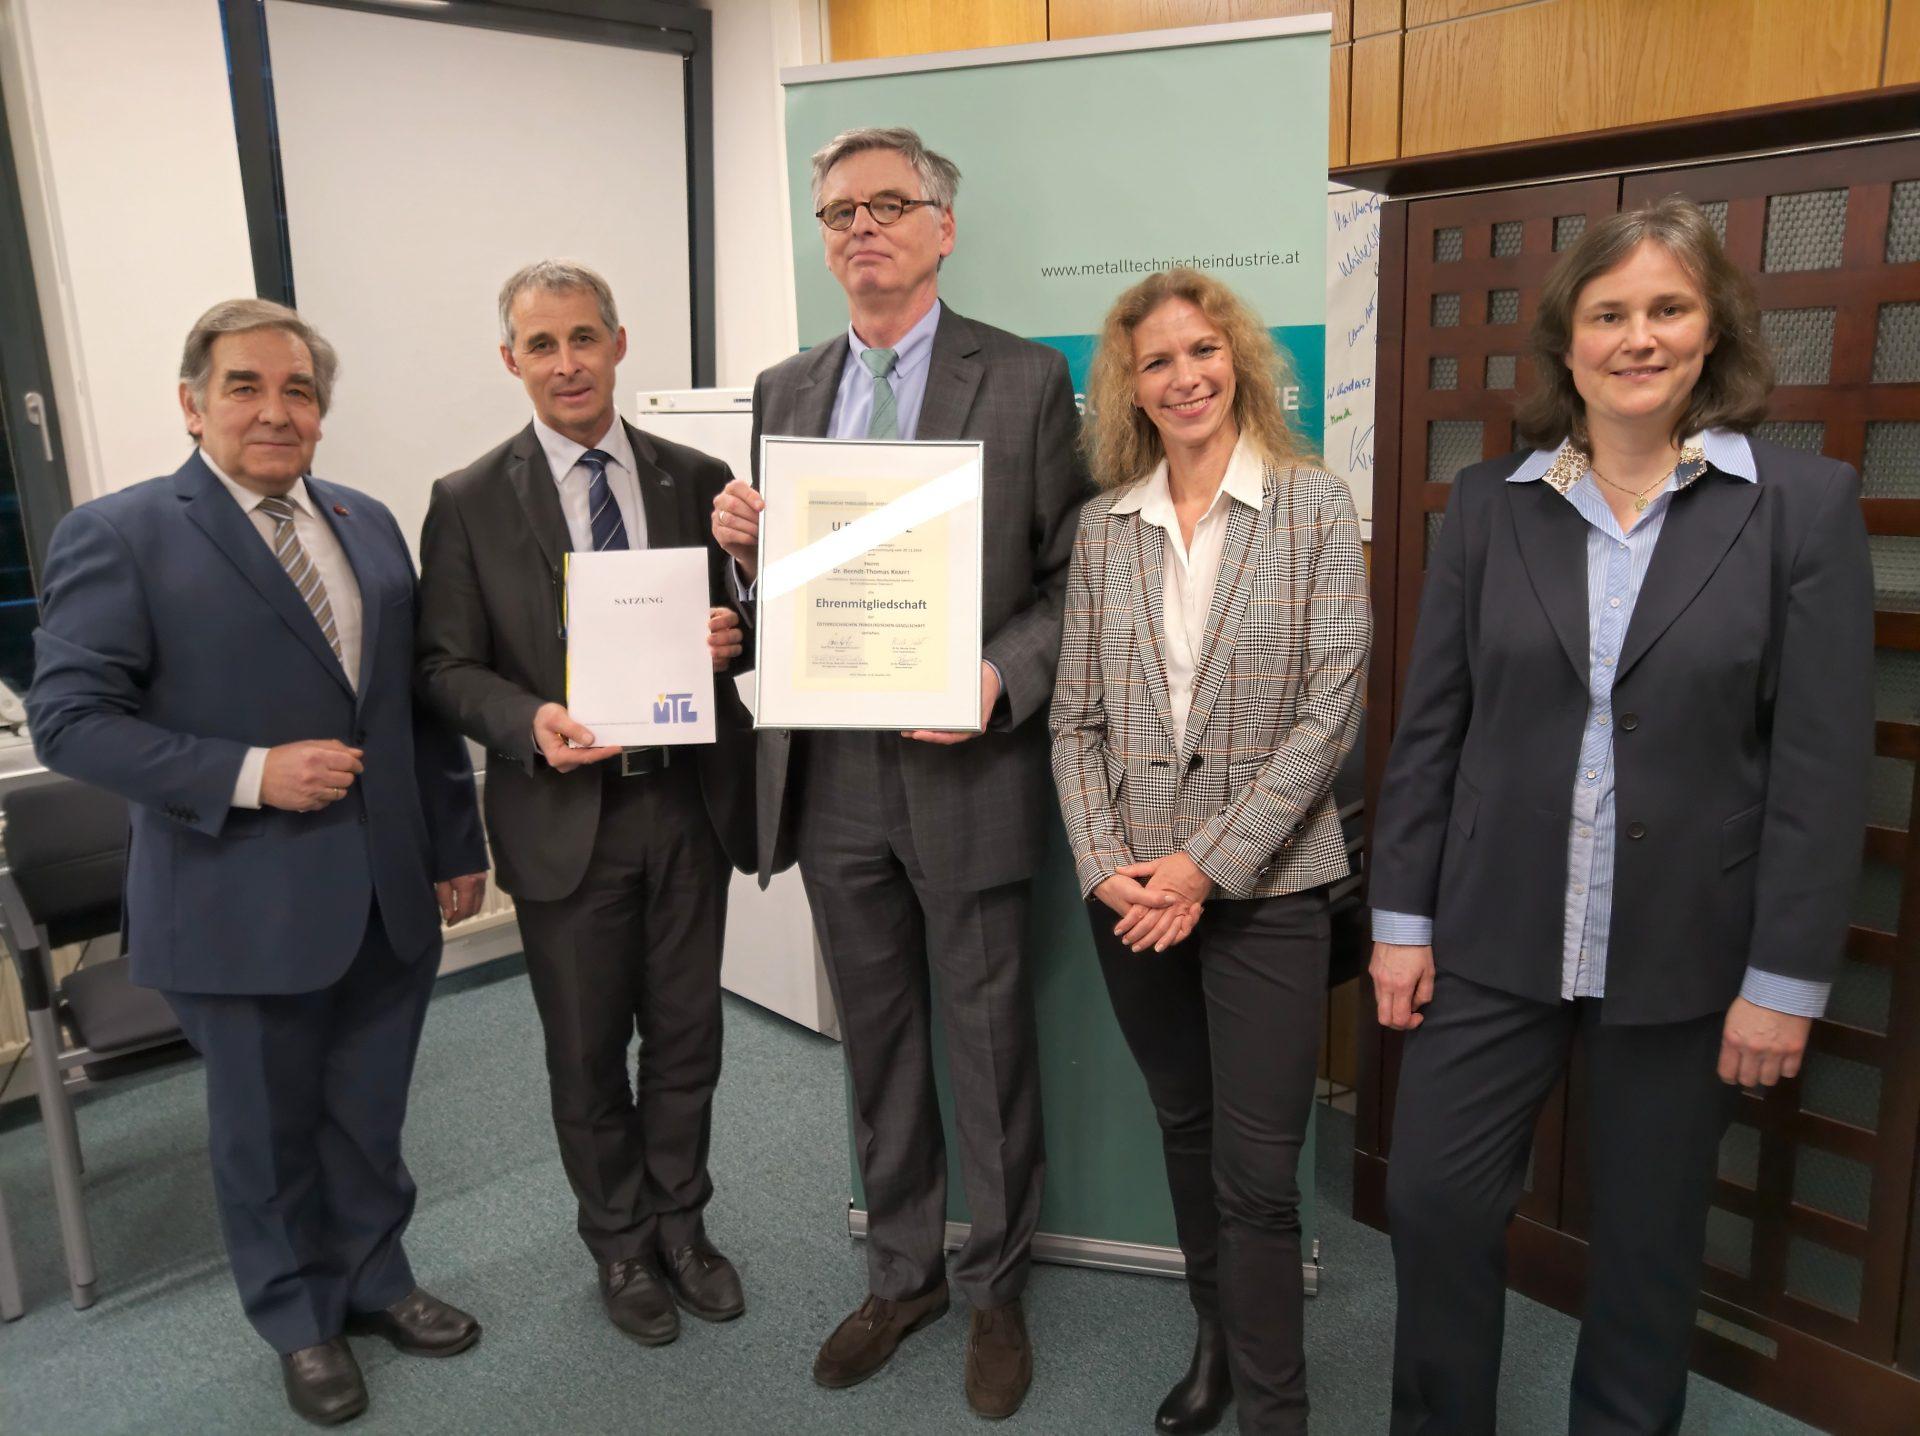 ÖTG-Ehrenmitgliedschaft für den FMTI-Geschäftsführer Dr. Berndt-Thomas Krafft